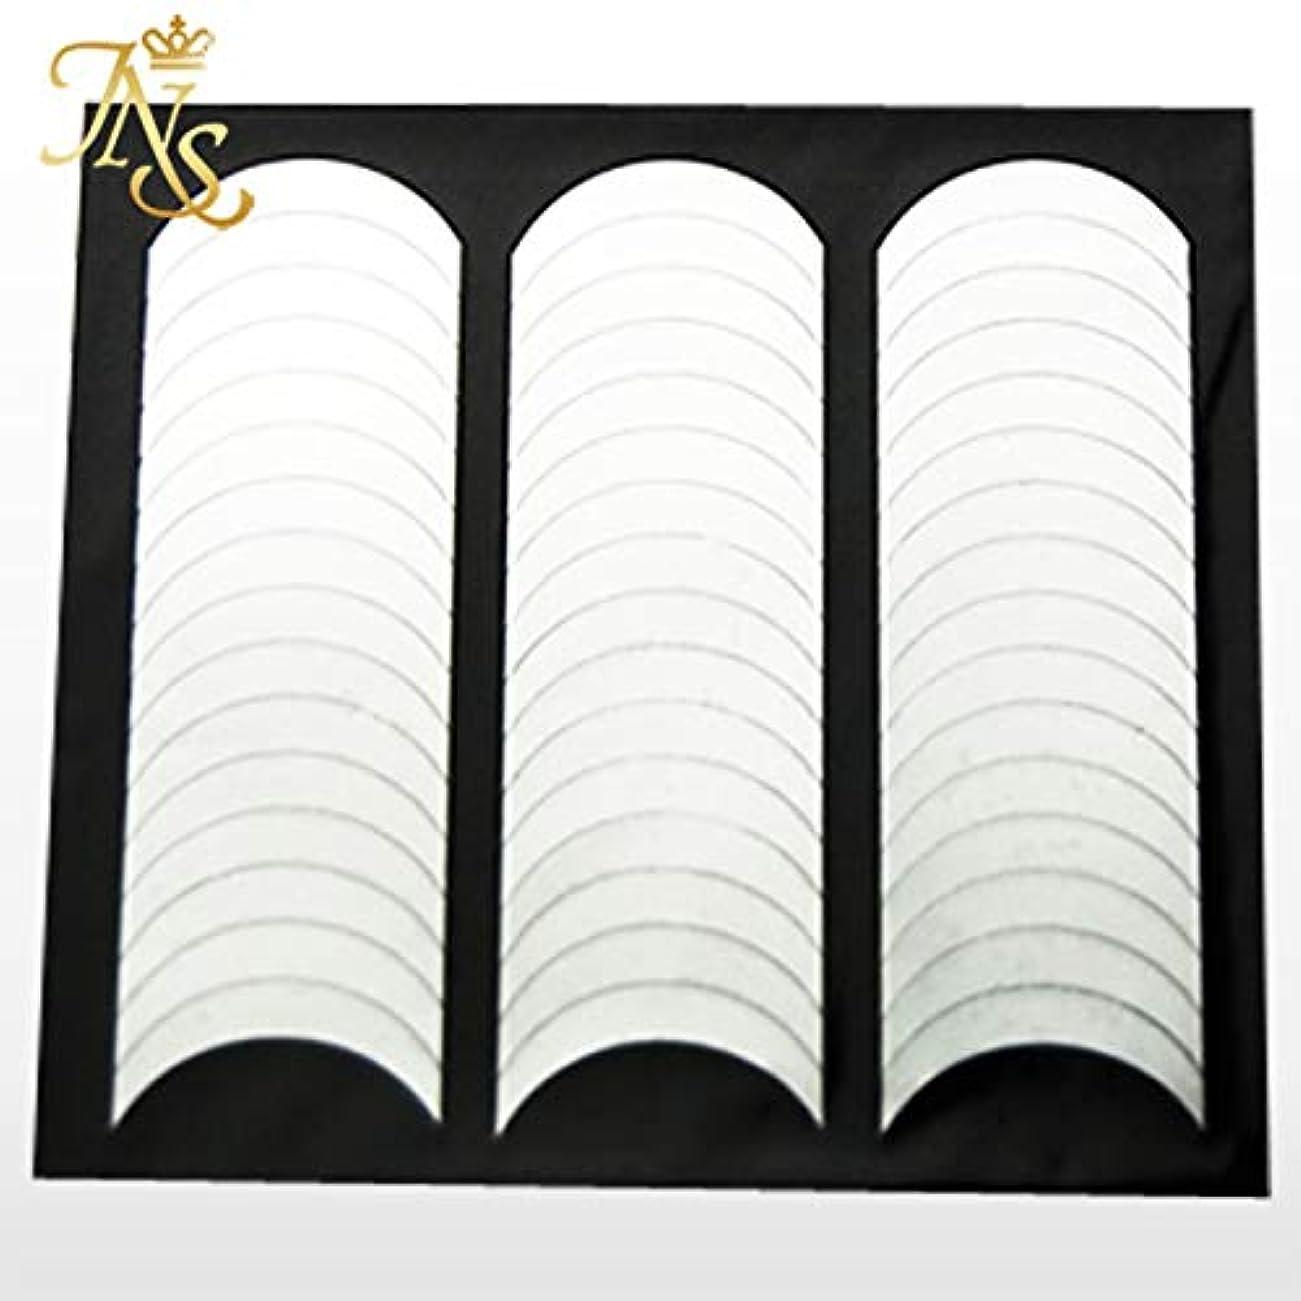 きらめくサークルシニスフレンチネイル ガイド テープ シール 144枚セット